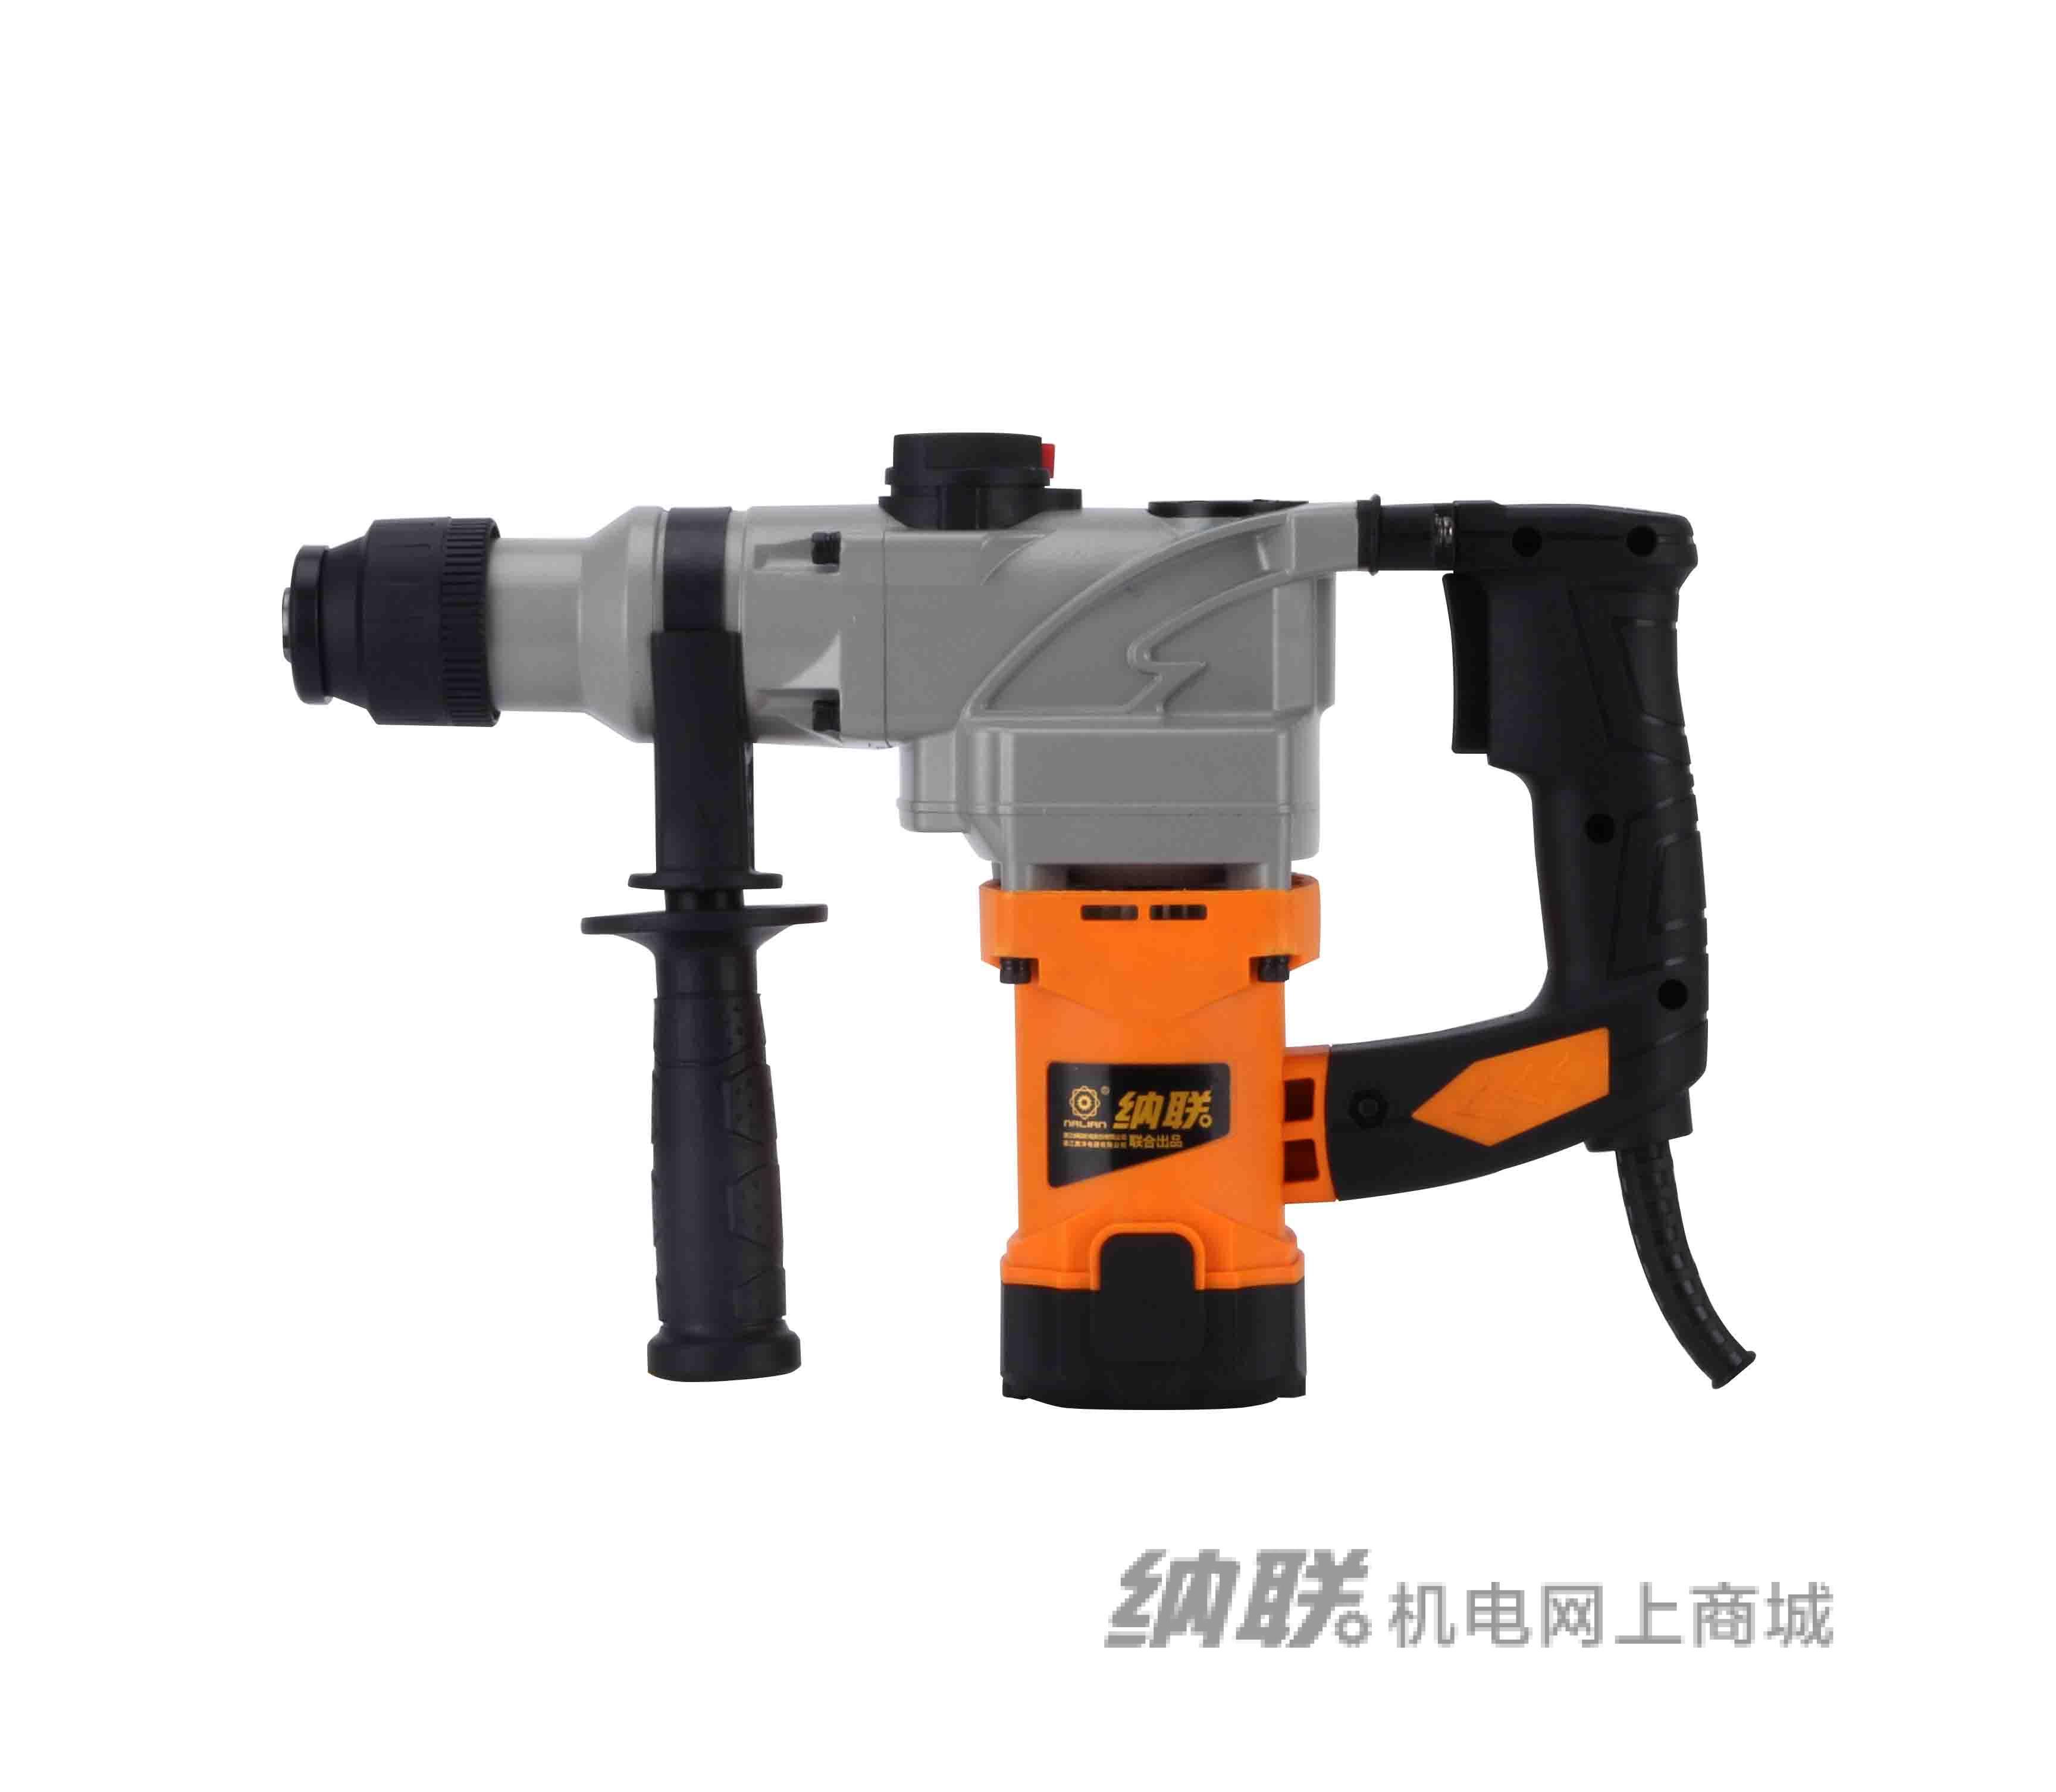 纳联机电 电锤-Z1A2-26SRE/780W双用工业